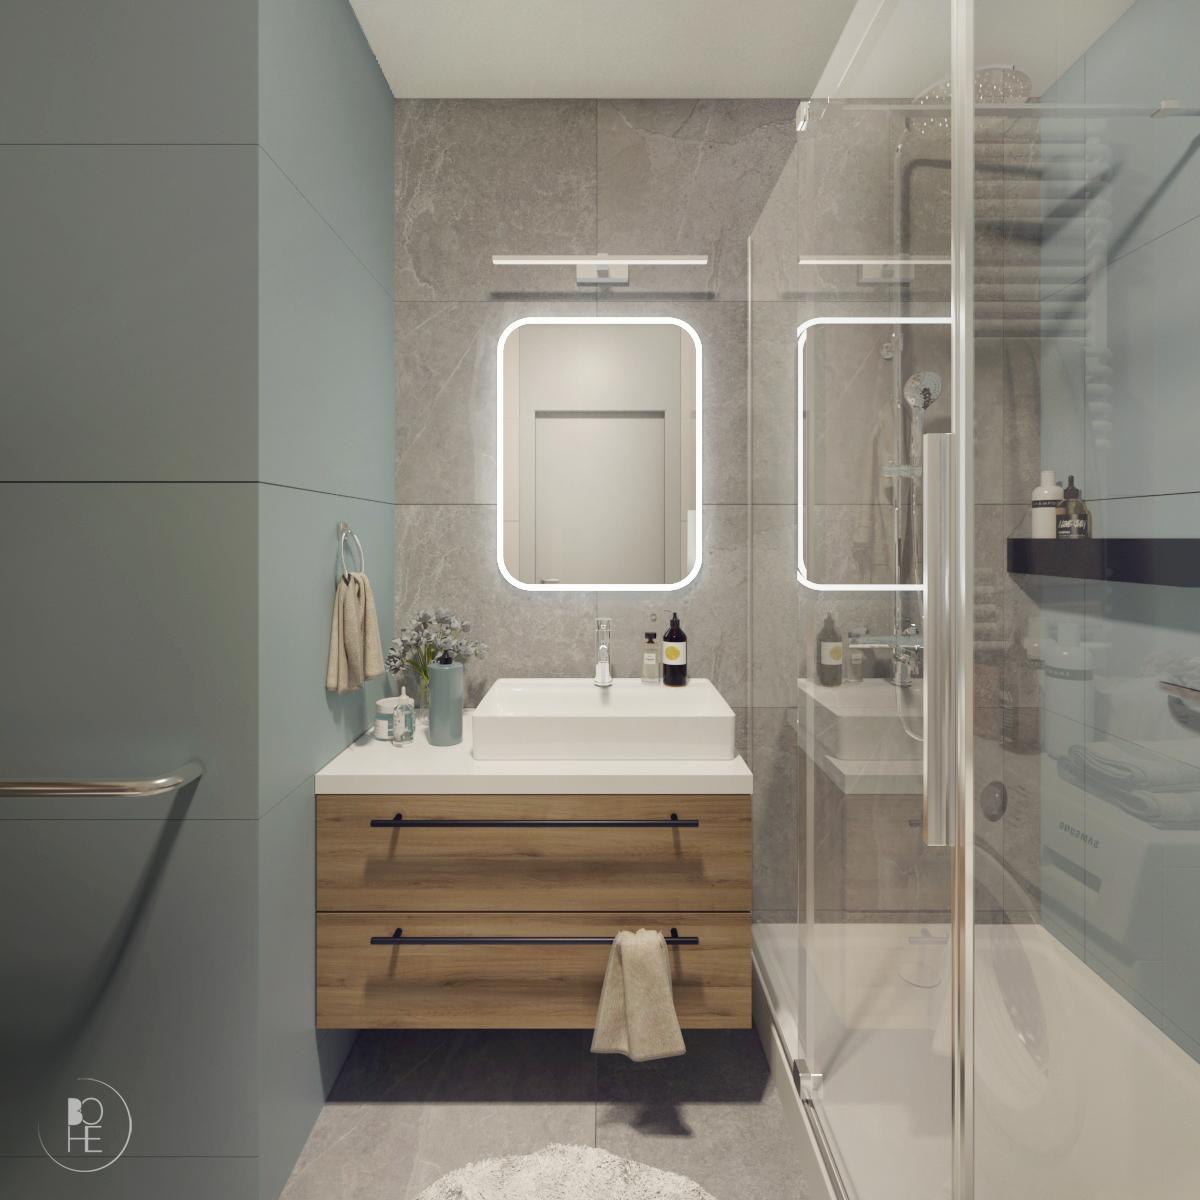 projekt małej łazienki białystok 2